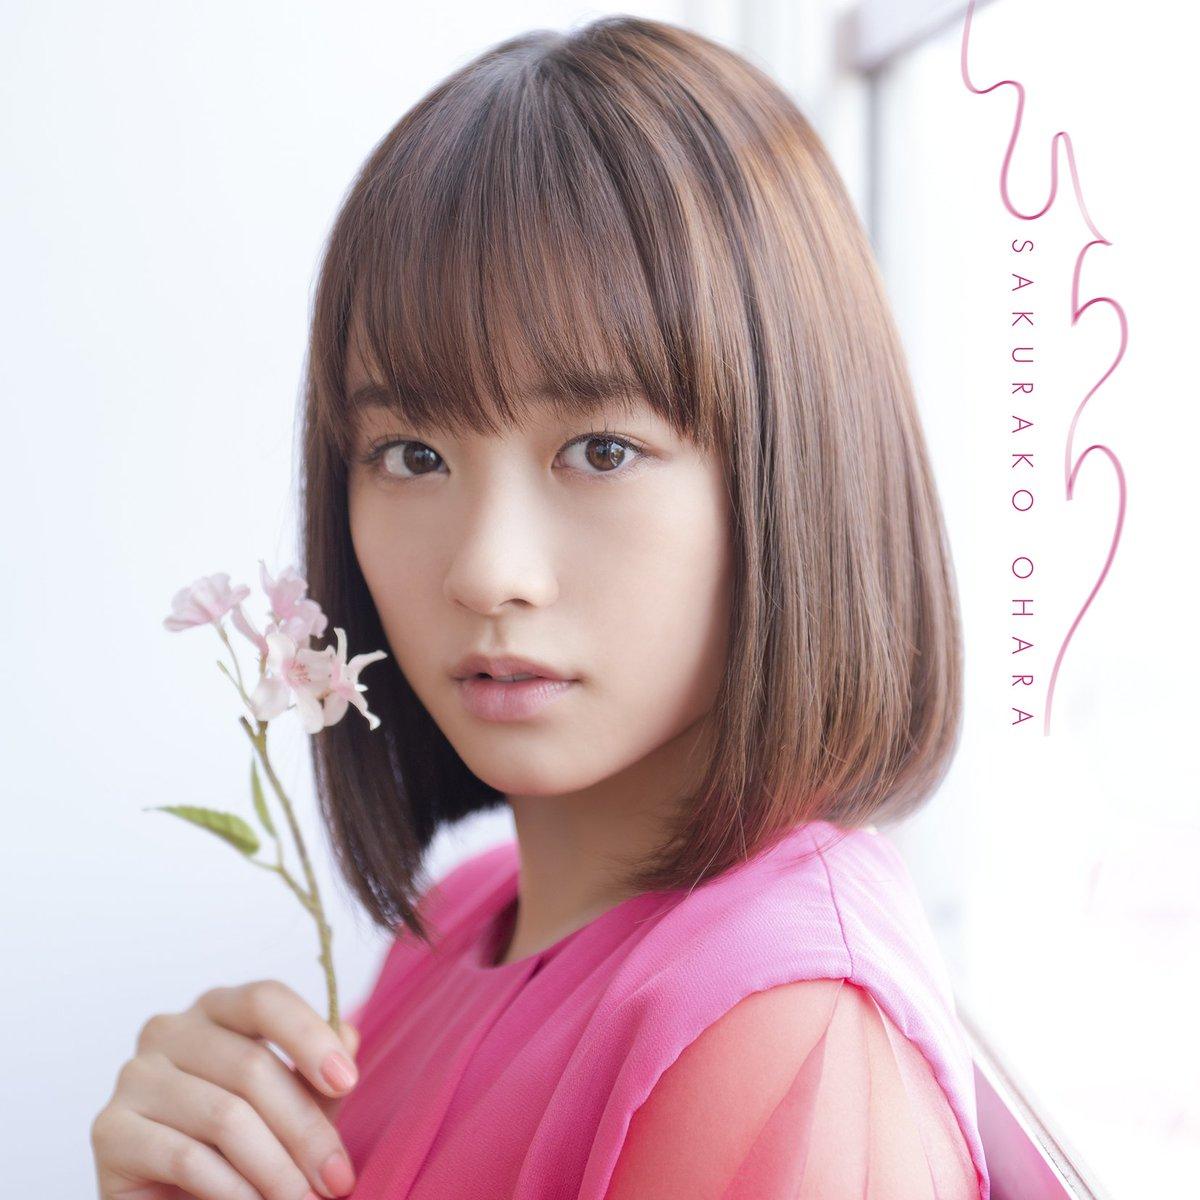 明日3/24の16:20から「春の楽園」イメージソングを歌う大原櫻子さんをゲストにお迎えし、「トークイベント&ライブ」を